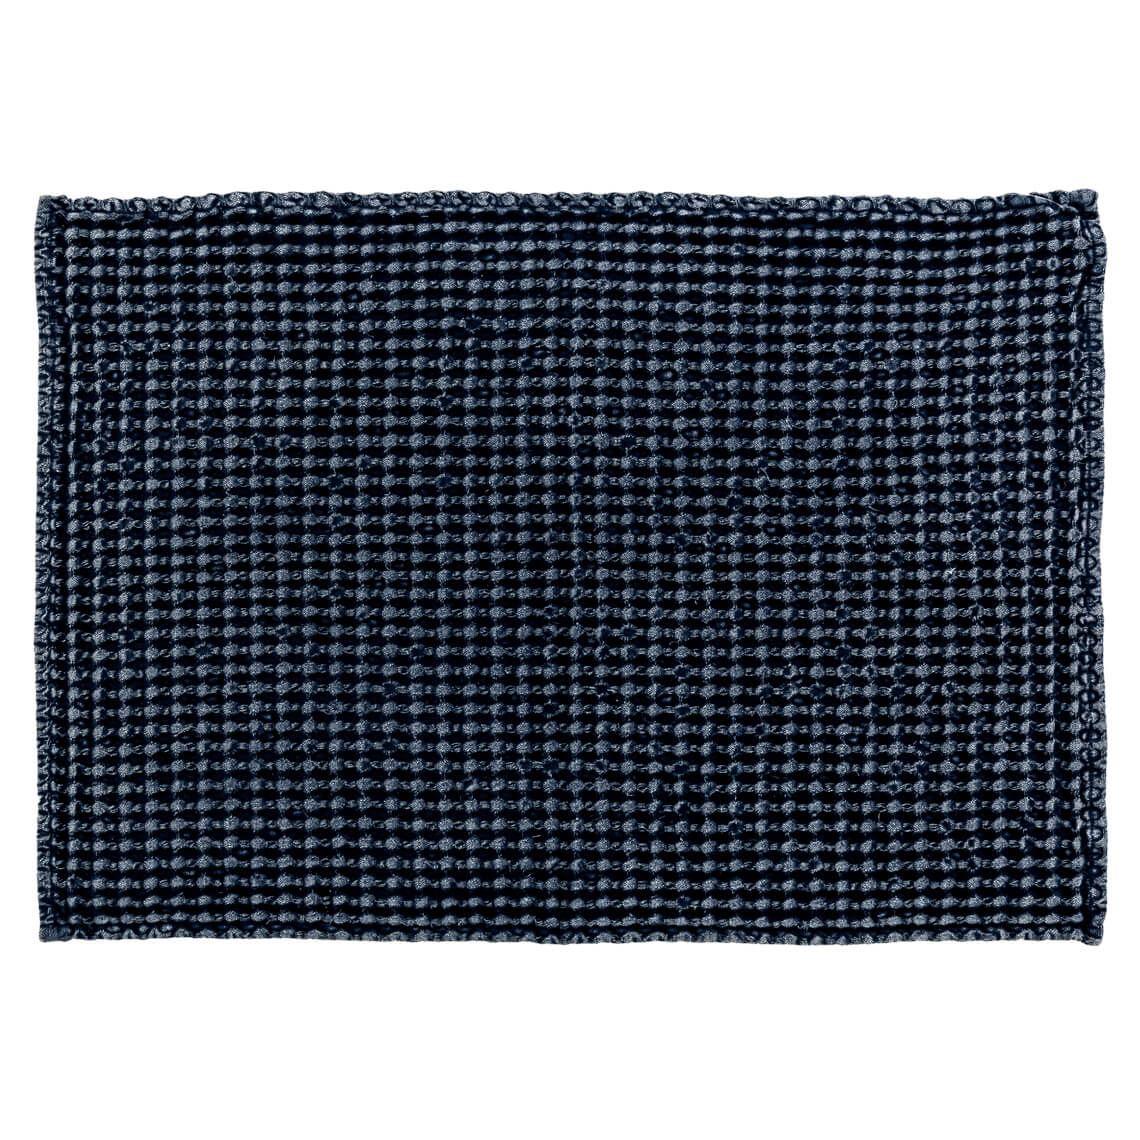 Everitt Tea Towel, Navy Size W 50cm x D 1cm x H 70cm in Navy Blue Freedom